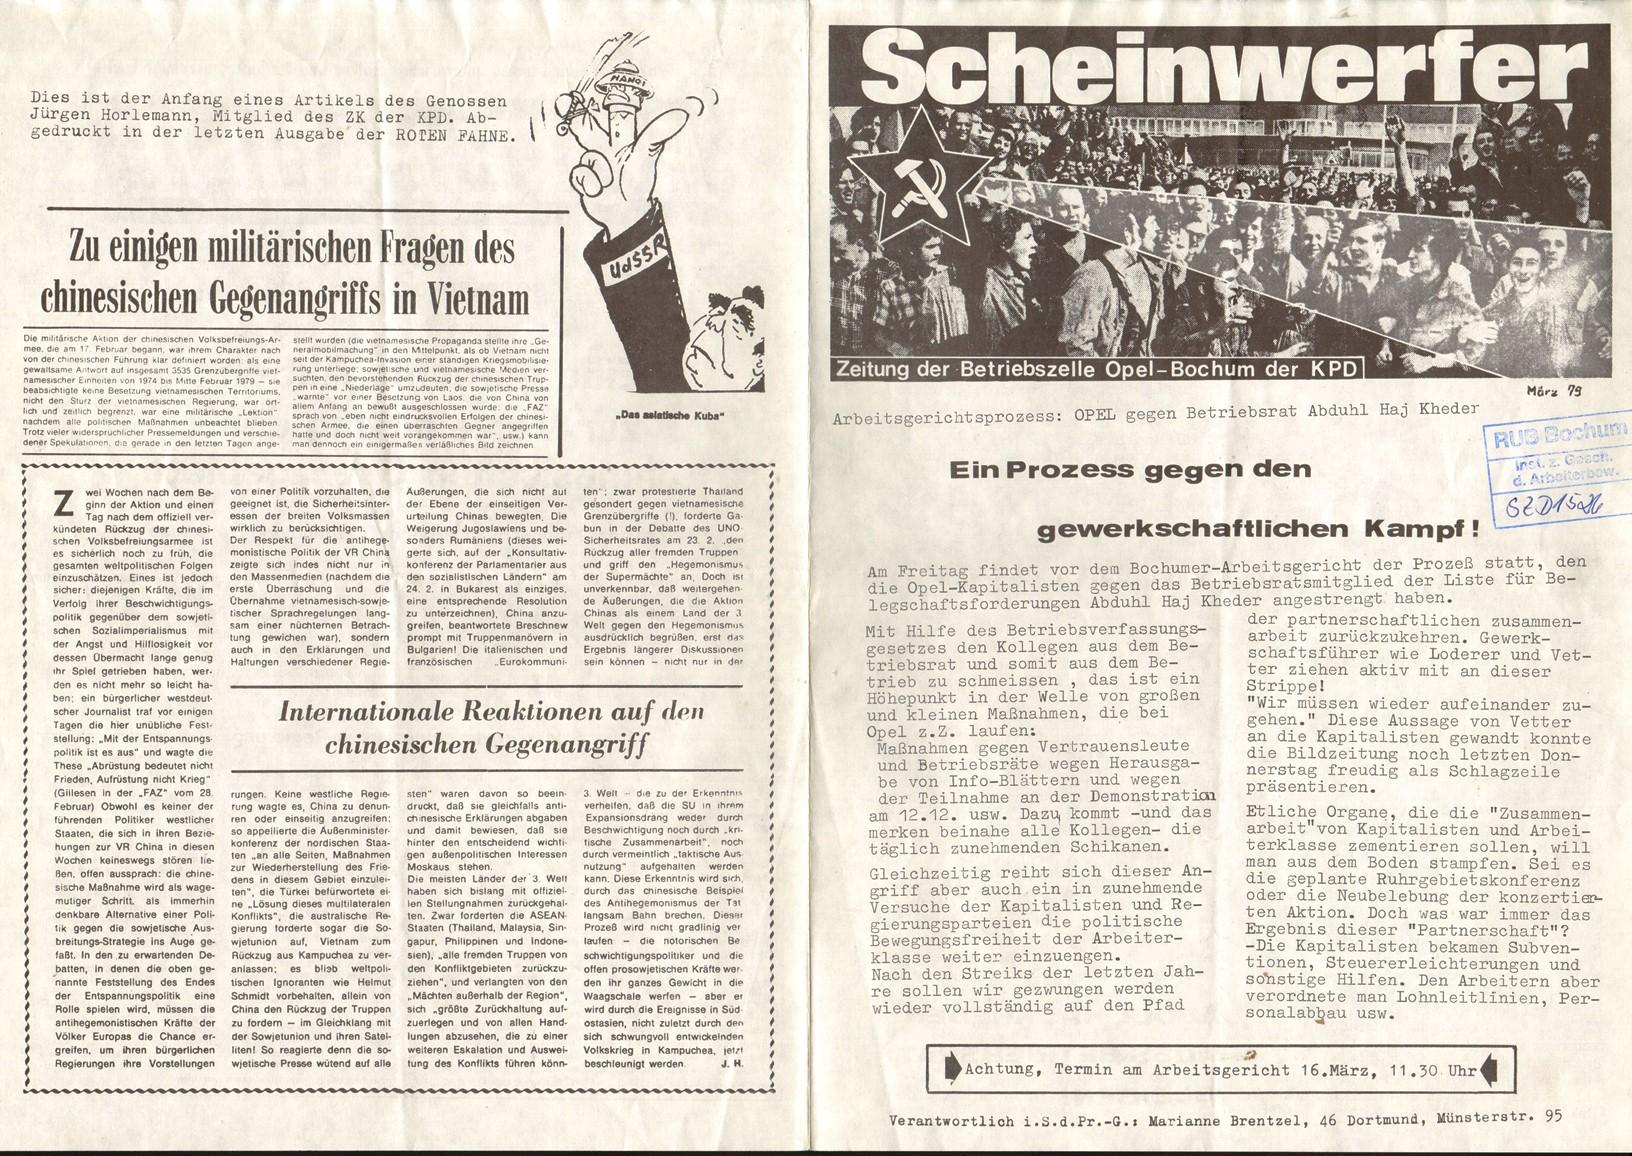 Bochum_Opel_AO_Scheinwerfer_19790300_01